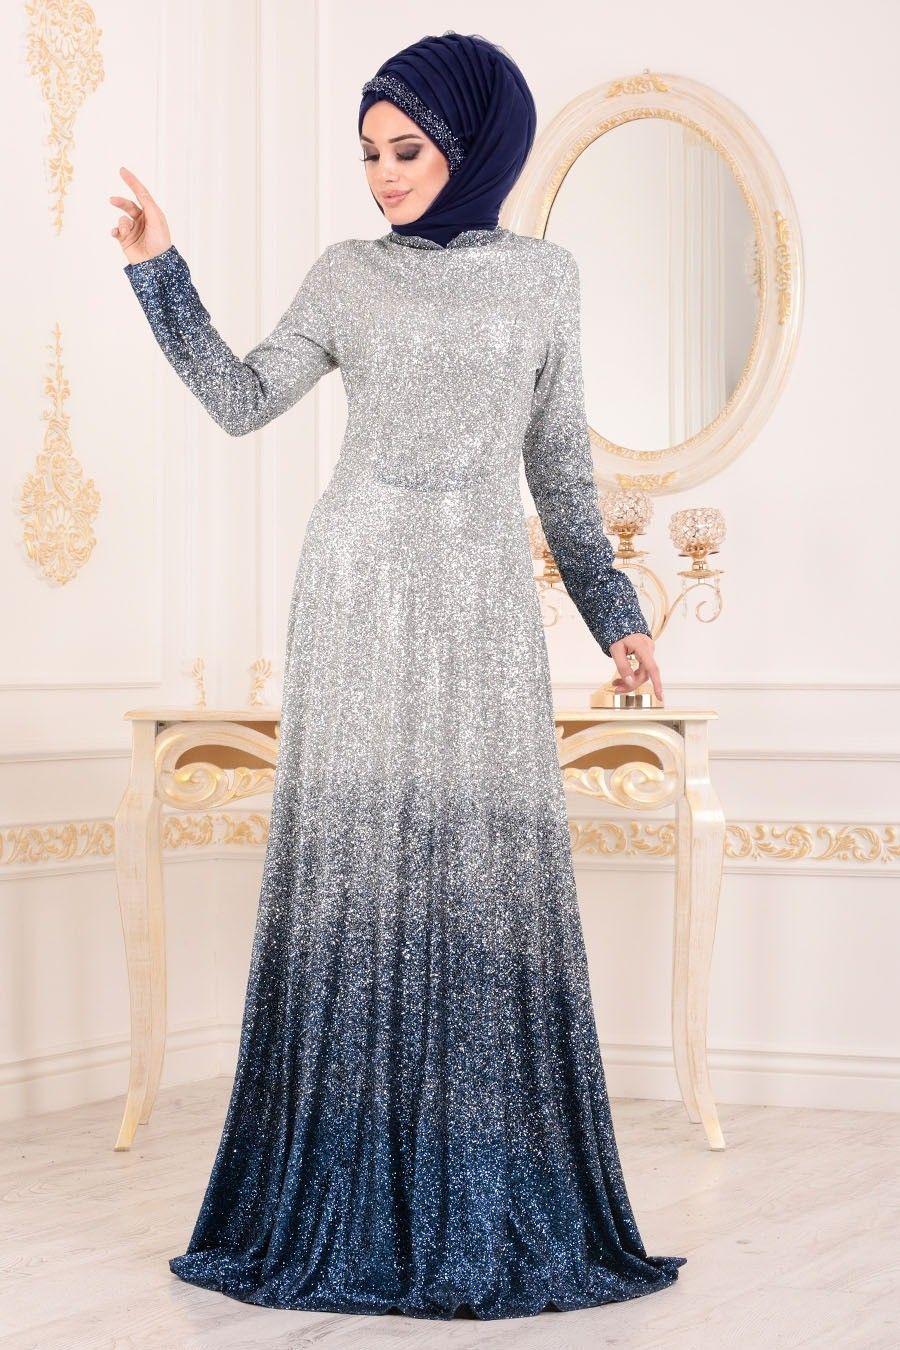 Tesetturlu Abiye Elbise Simli Indigo Mavisi Tesettur Abiye Elbise 8508im Tesetturisland Com Aksamustu Giysileri The Dress Elbise